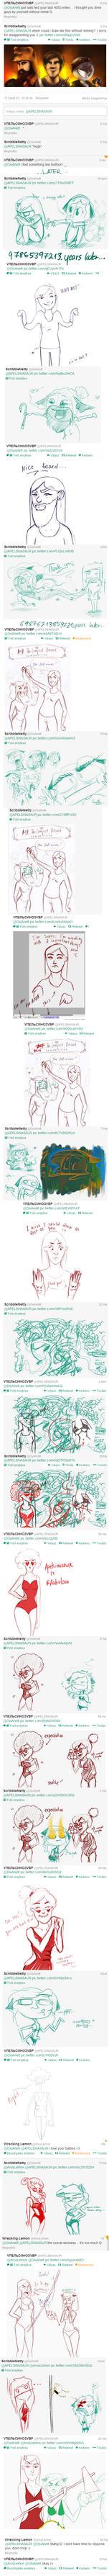 Drawing Battle on Twitter (Part 4) by ScribbleNetty